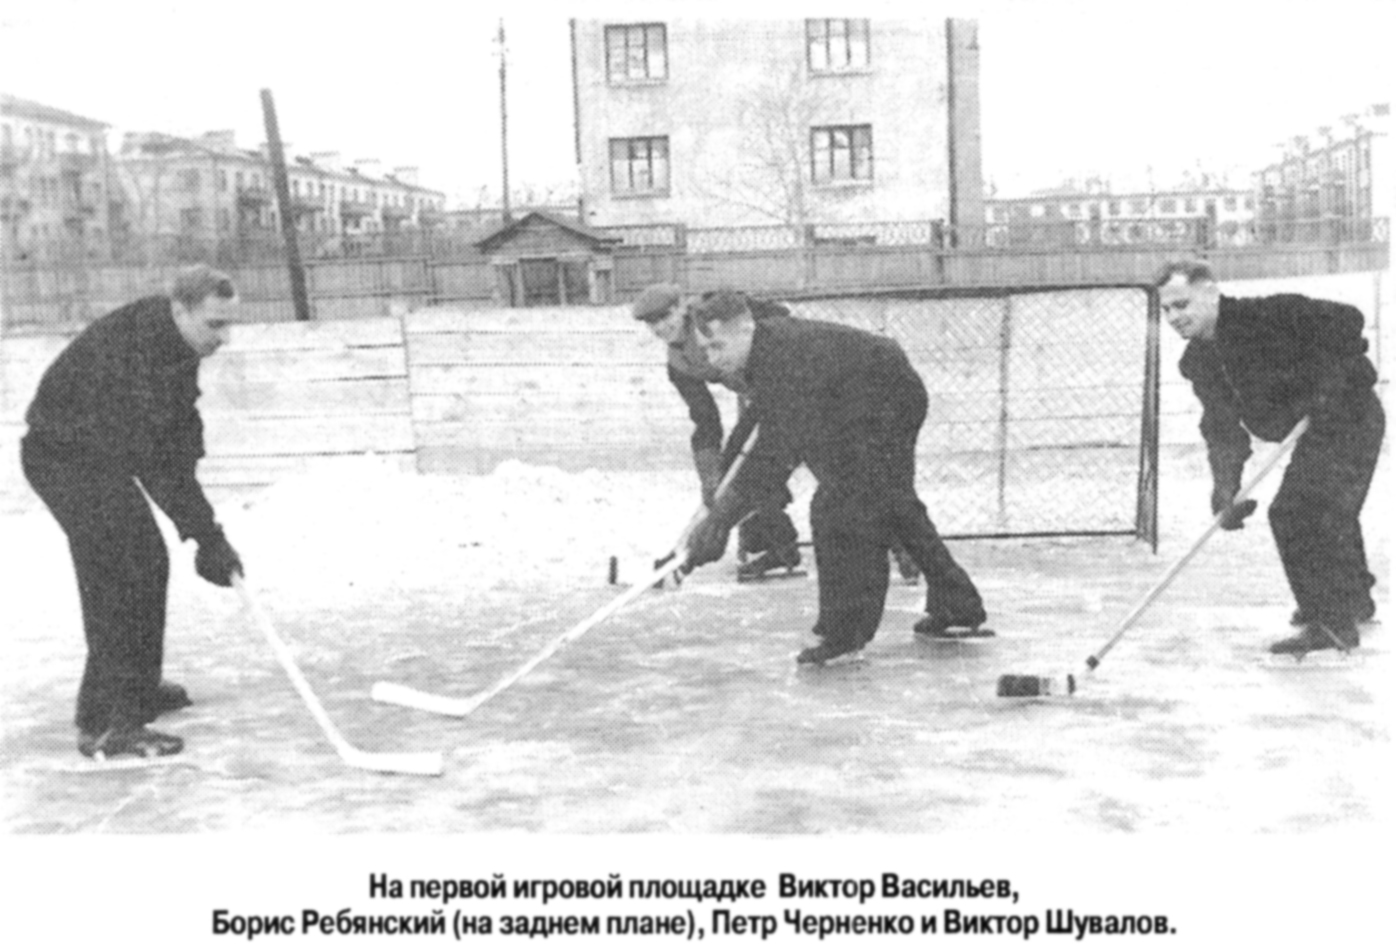 Шувалов Васильев Ребянский.jpg